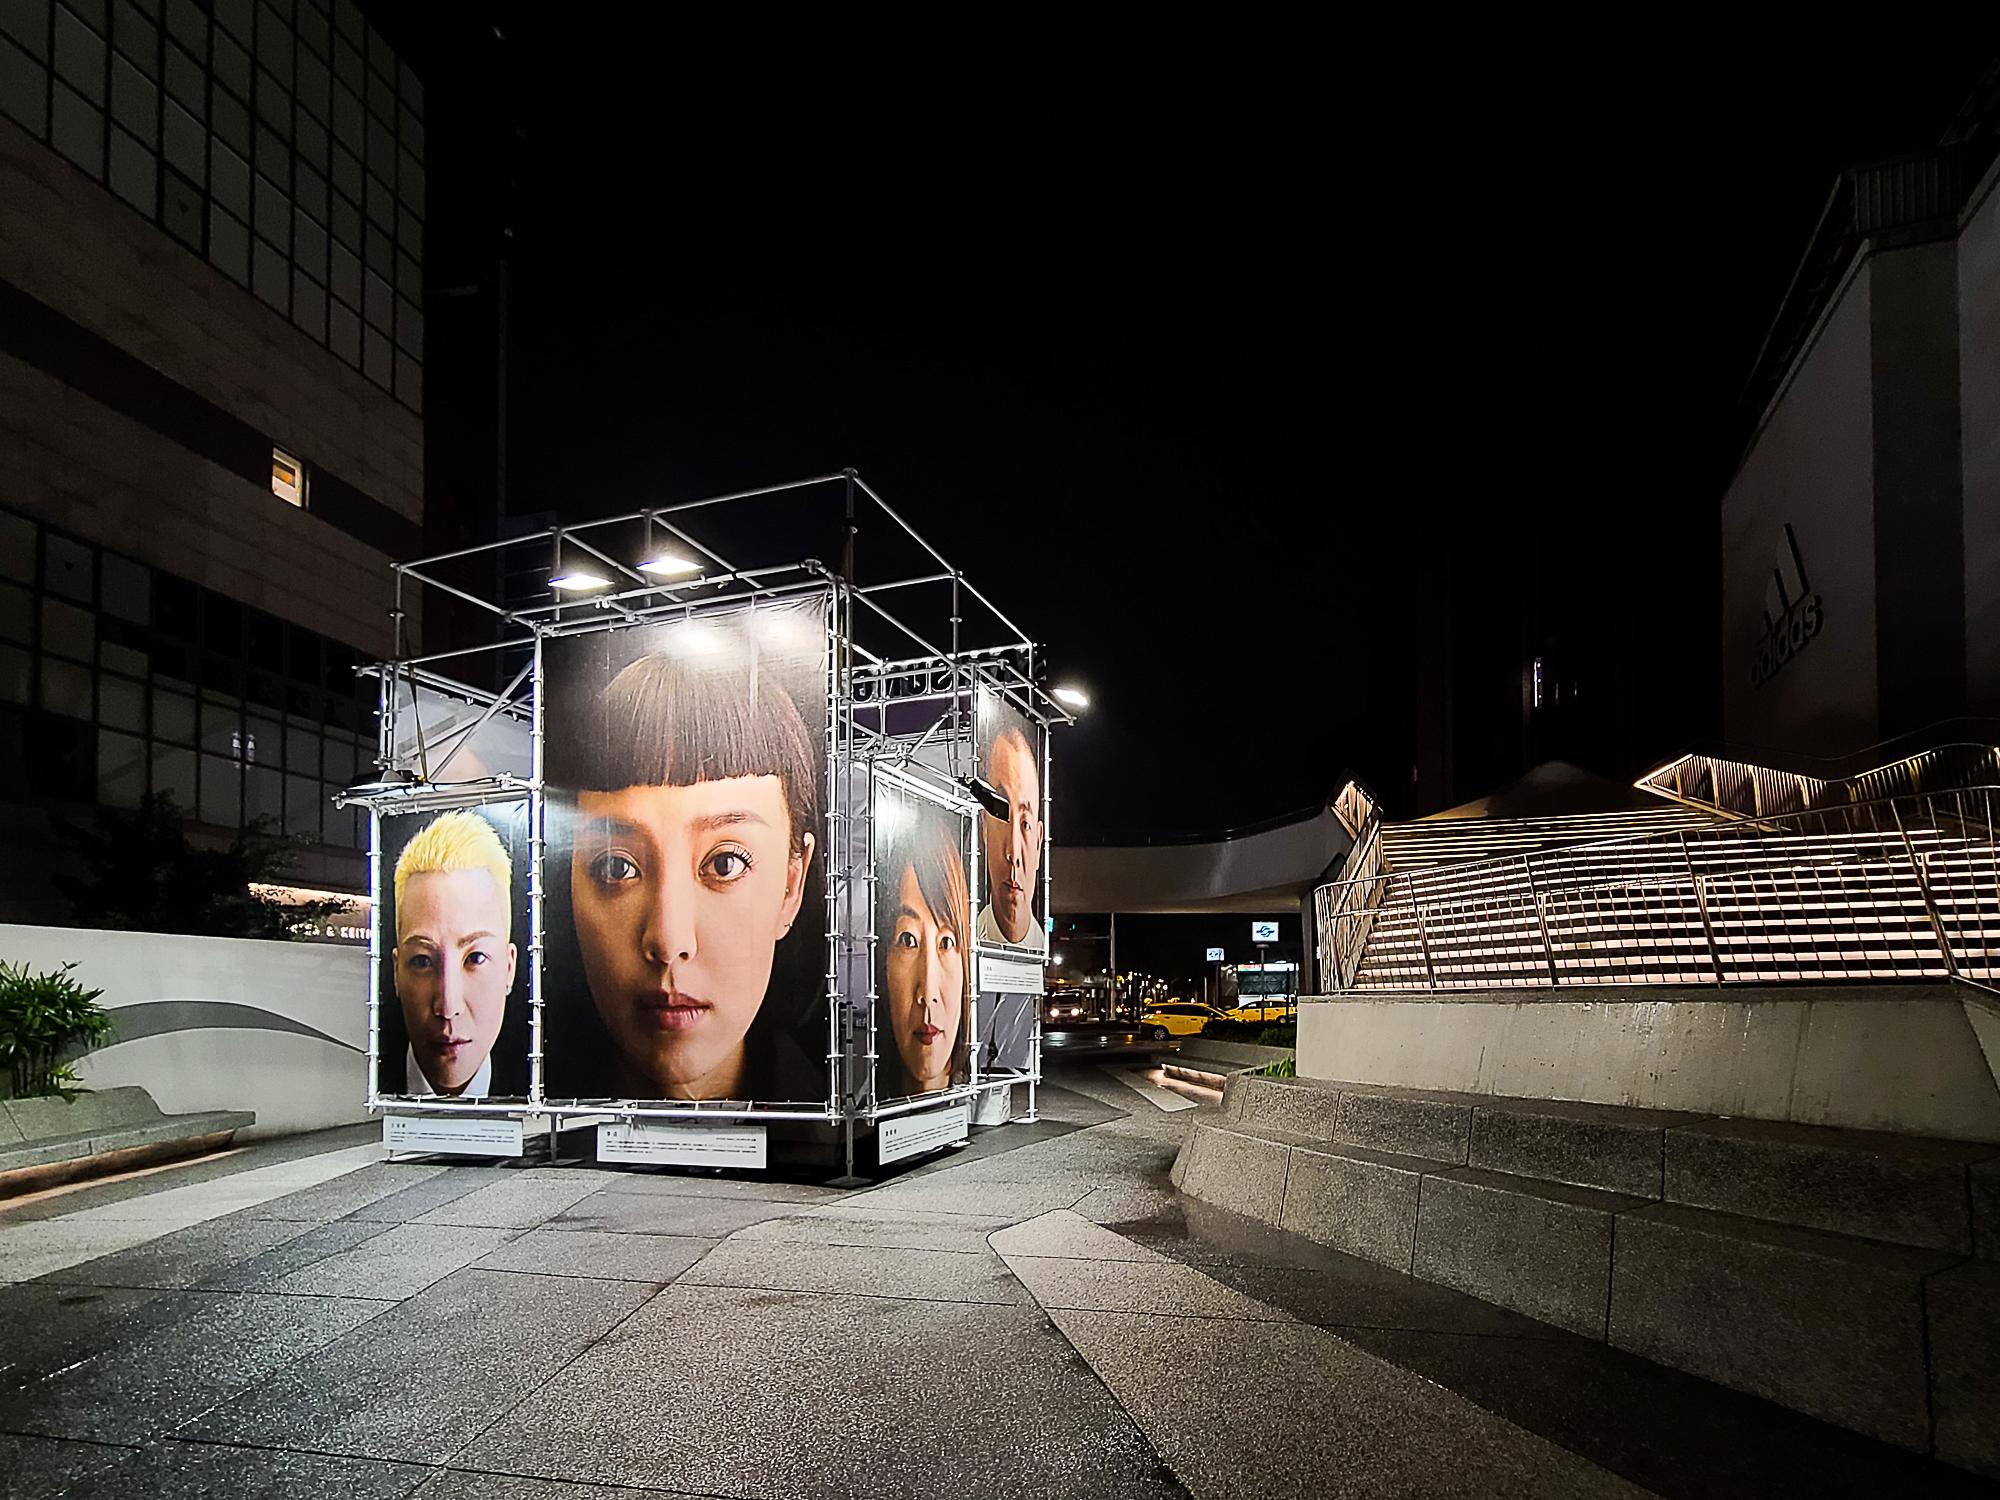 跳脫框架顛覆社會傳統風氣,「顛覆者肖像」重新定義視覺美學